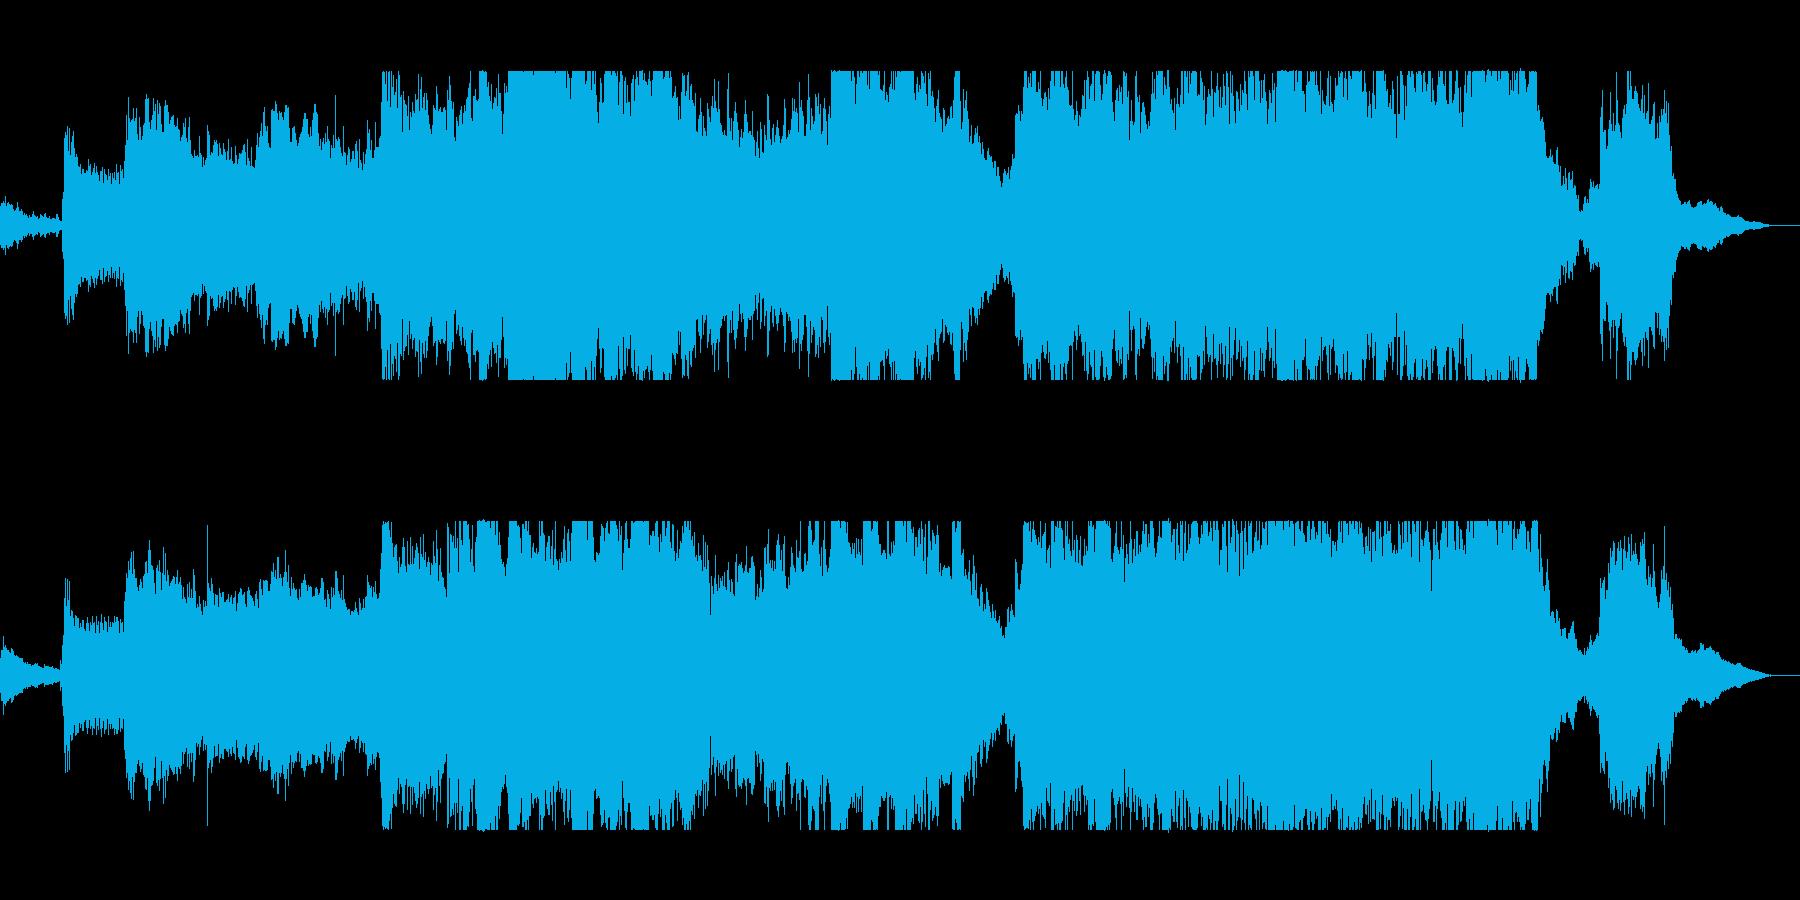 まったりとまろやかで幻想的なSFサウンドの再生済みの波形